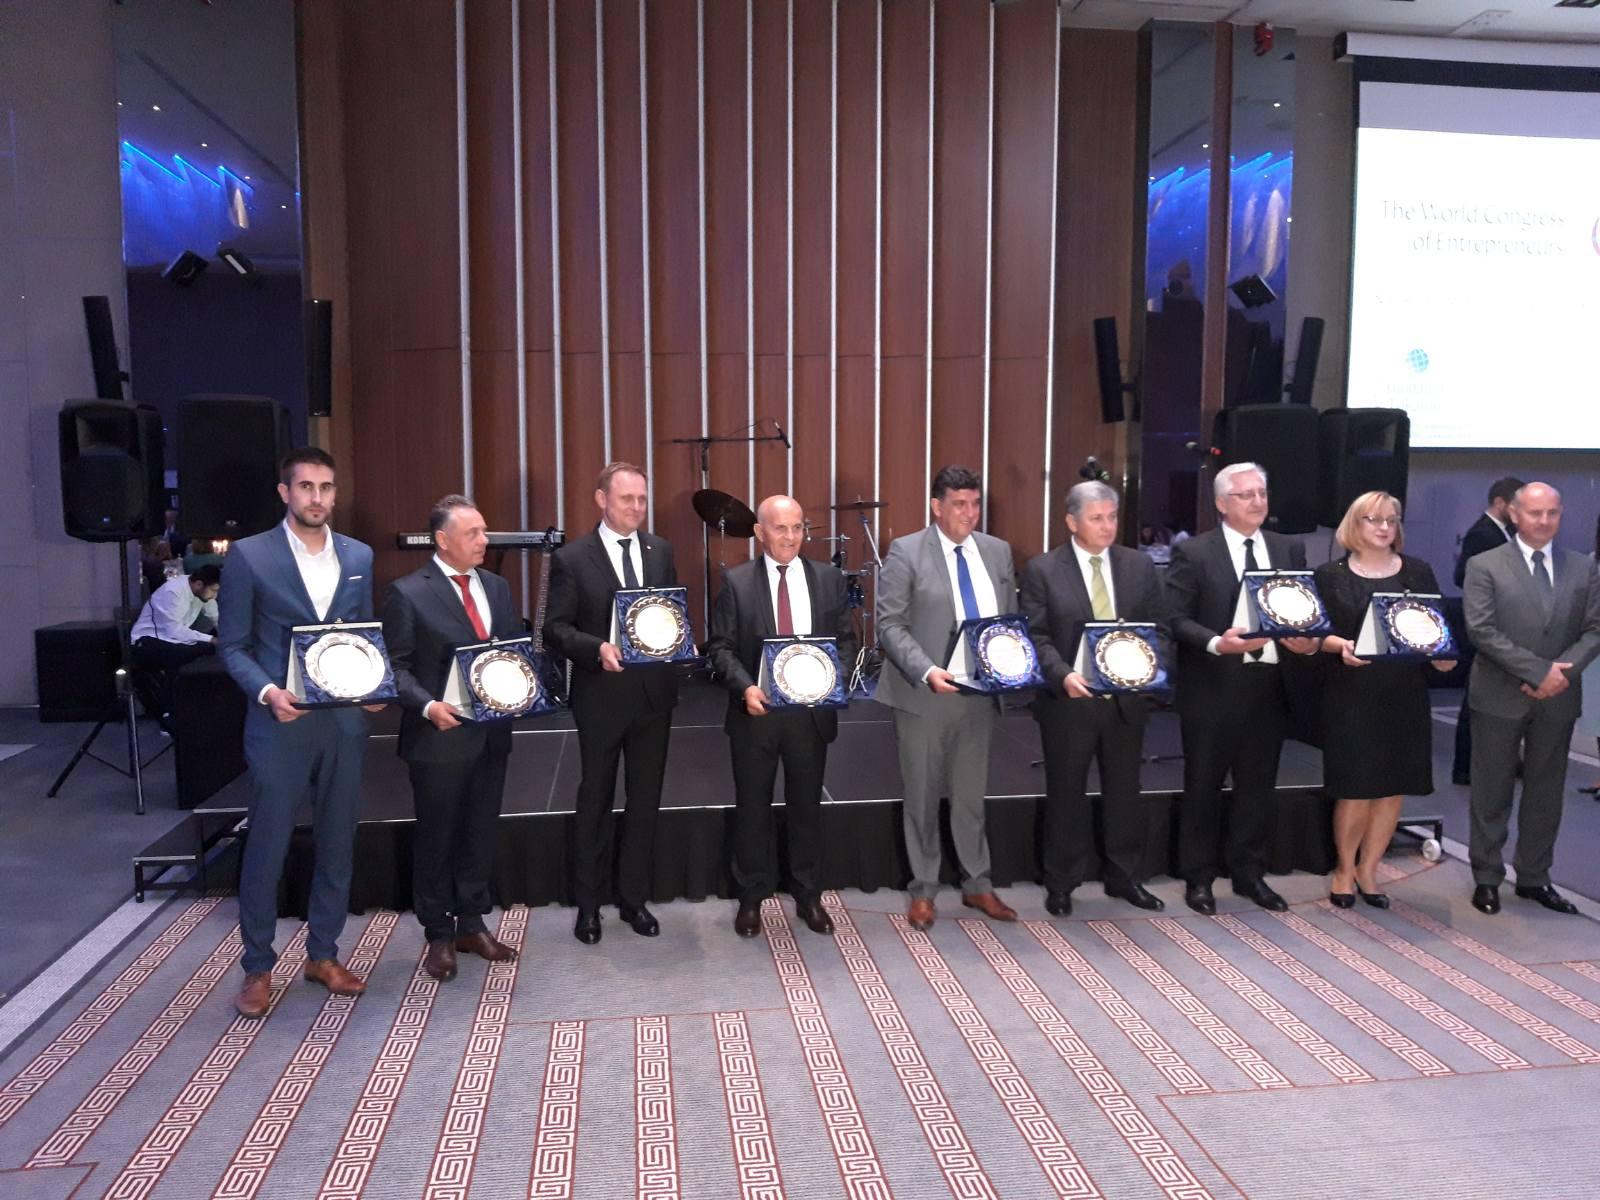 Grad Sombor dobitnik je Zlatne nagrade i priznanja najboljim lokalnim zajednicama za kreiranje dobrog ambijenta za razvoj preduzetništva